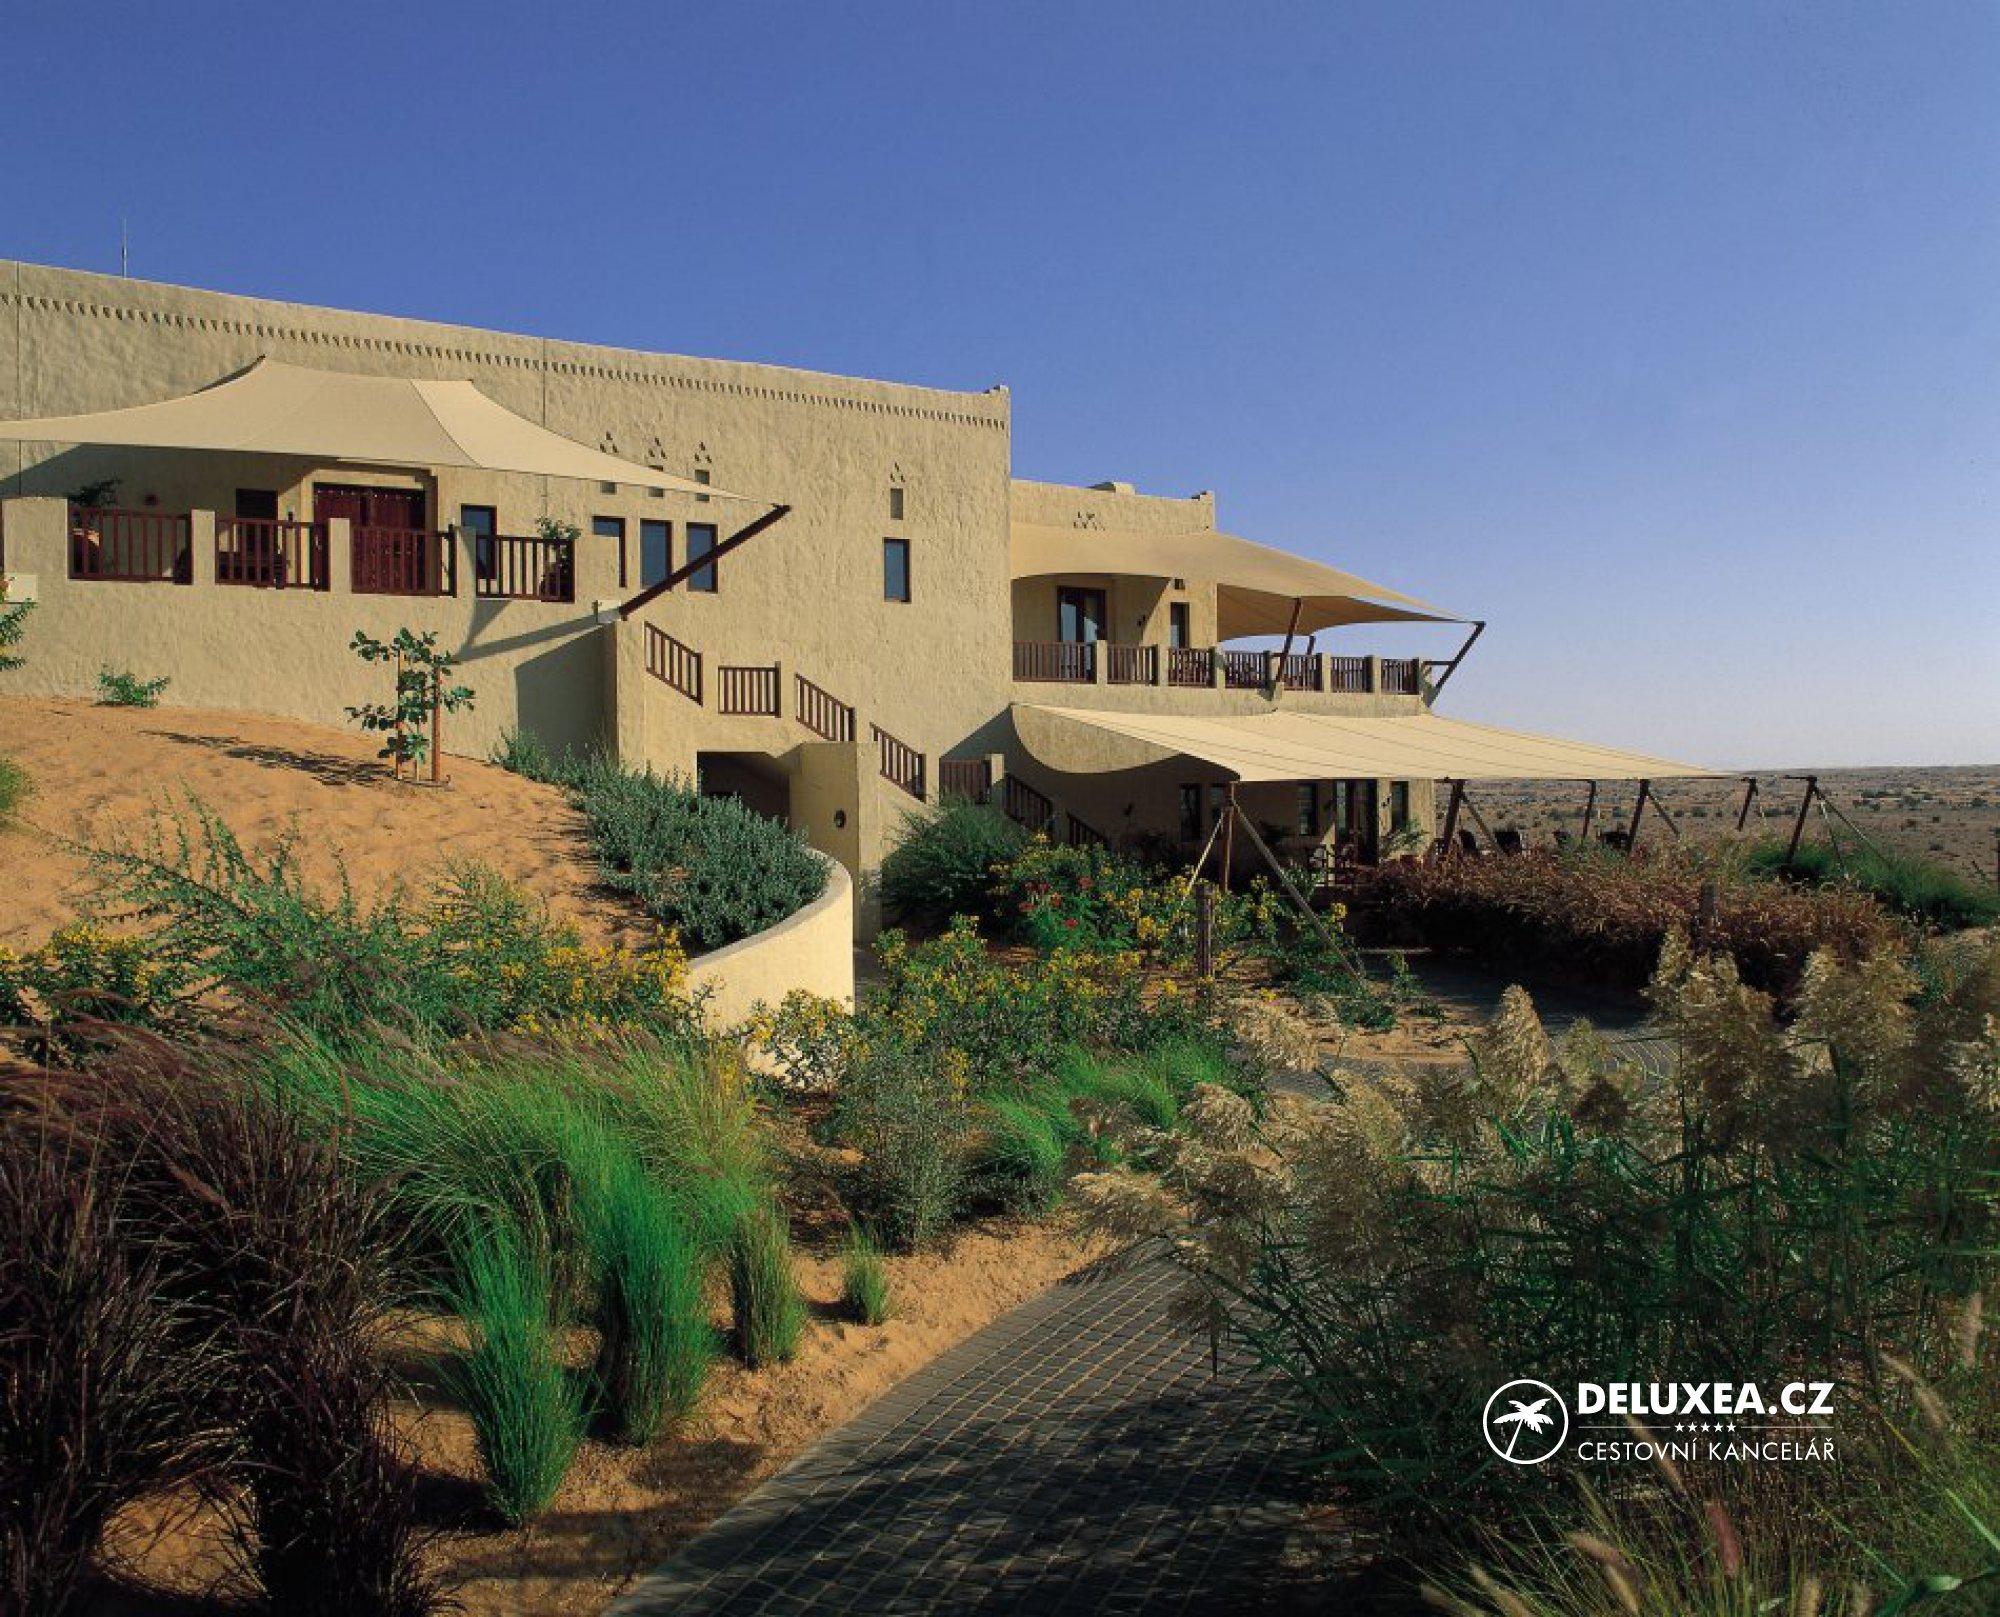 al maha desert resort essay Almaharesort subscribe subscribed unsubscribe 108 loading loading al maha desert resort & spa - 5 star desert resort in dubai - duration: 3 minutes.